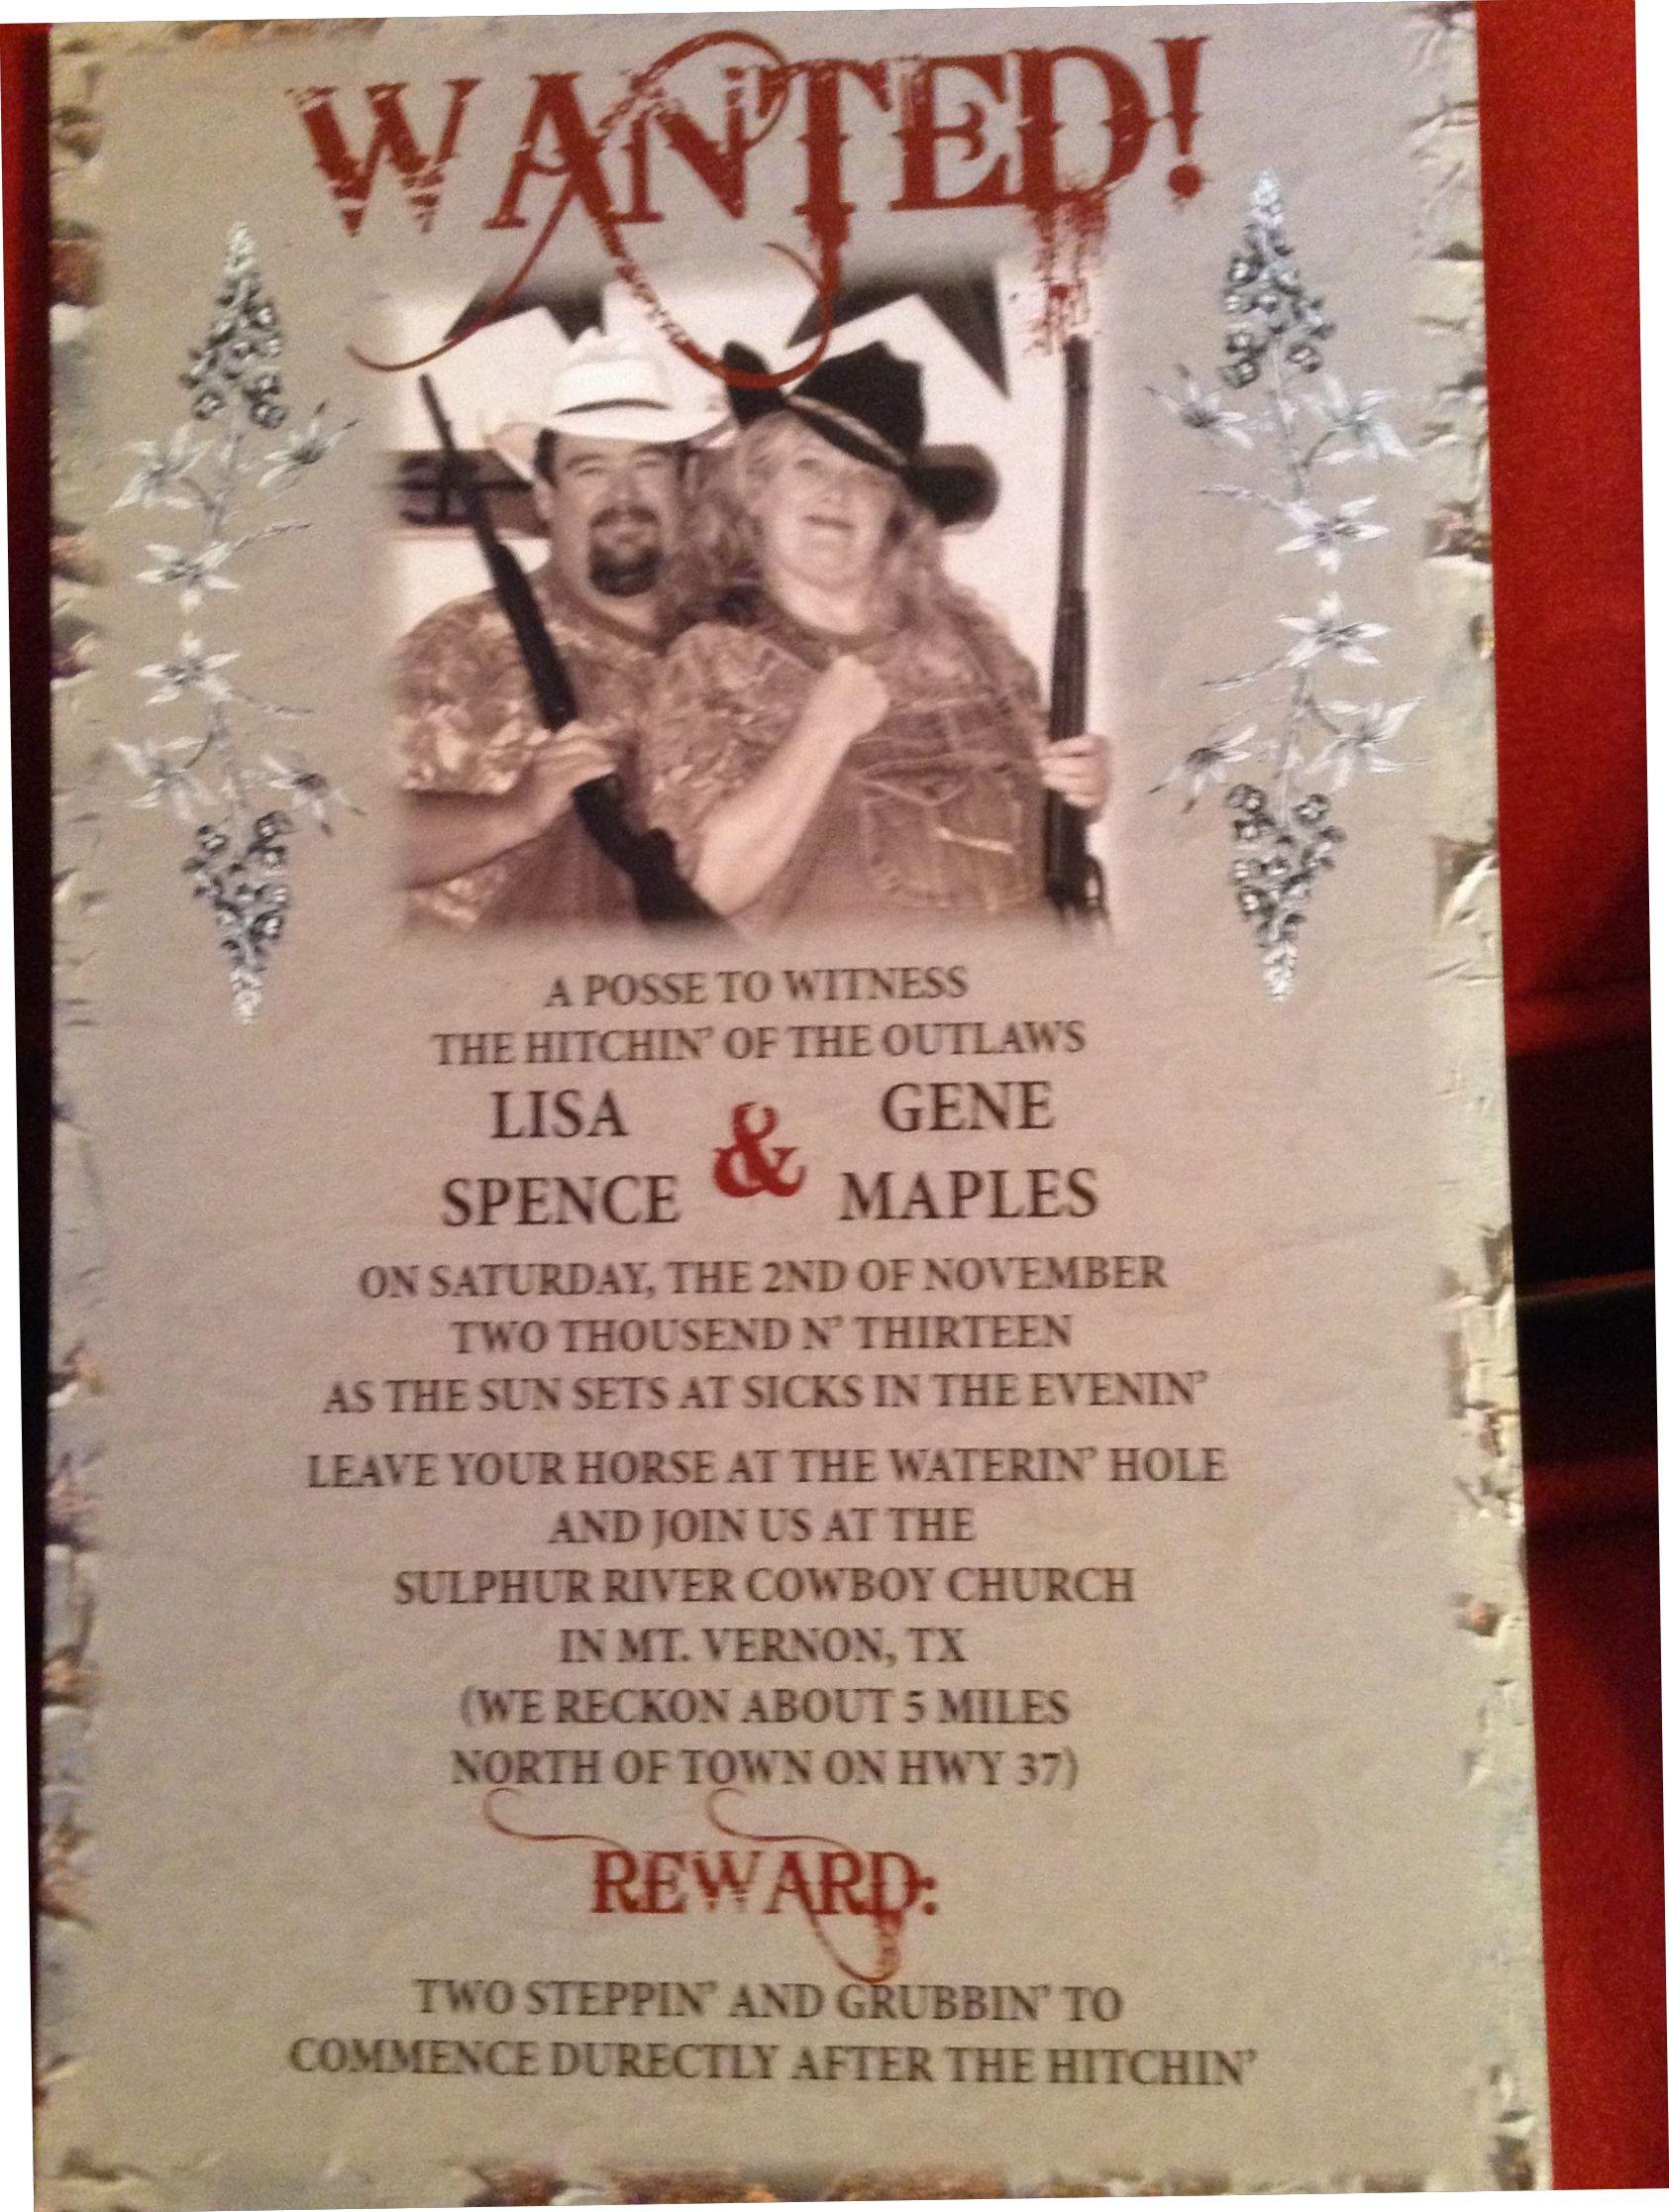 Redneck Wedding Invitations: Funny Shotgun Wedding Invitations At Websimilar.org